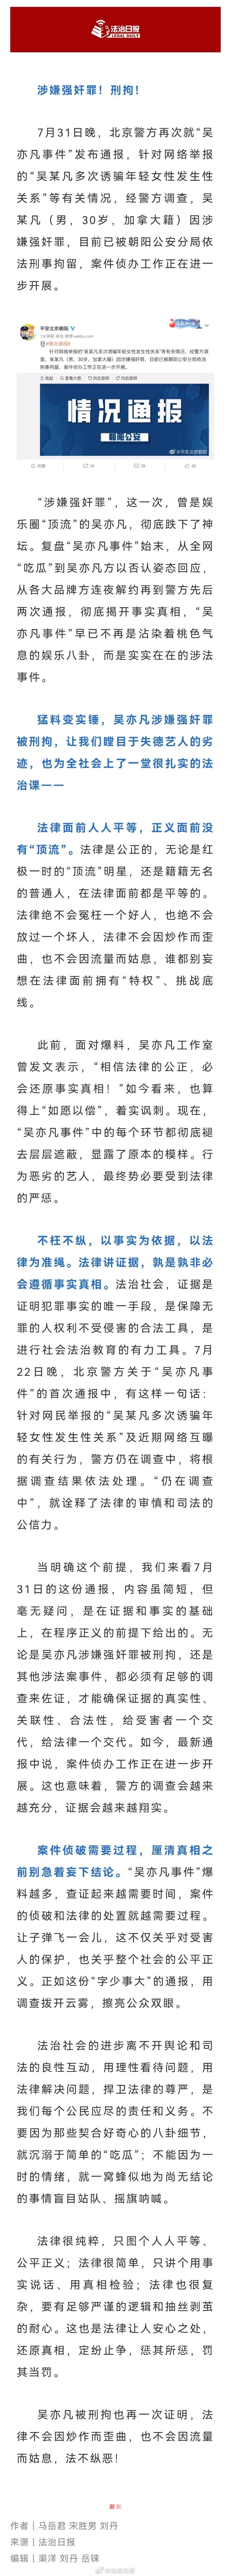 不枉不縱, 沒有哪個圈是法外之地! 中央政法委、法治日報、中國婦女報相繼發聲-圖4